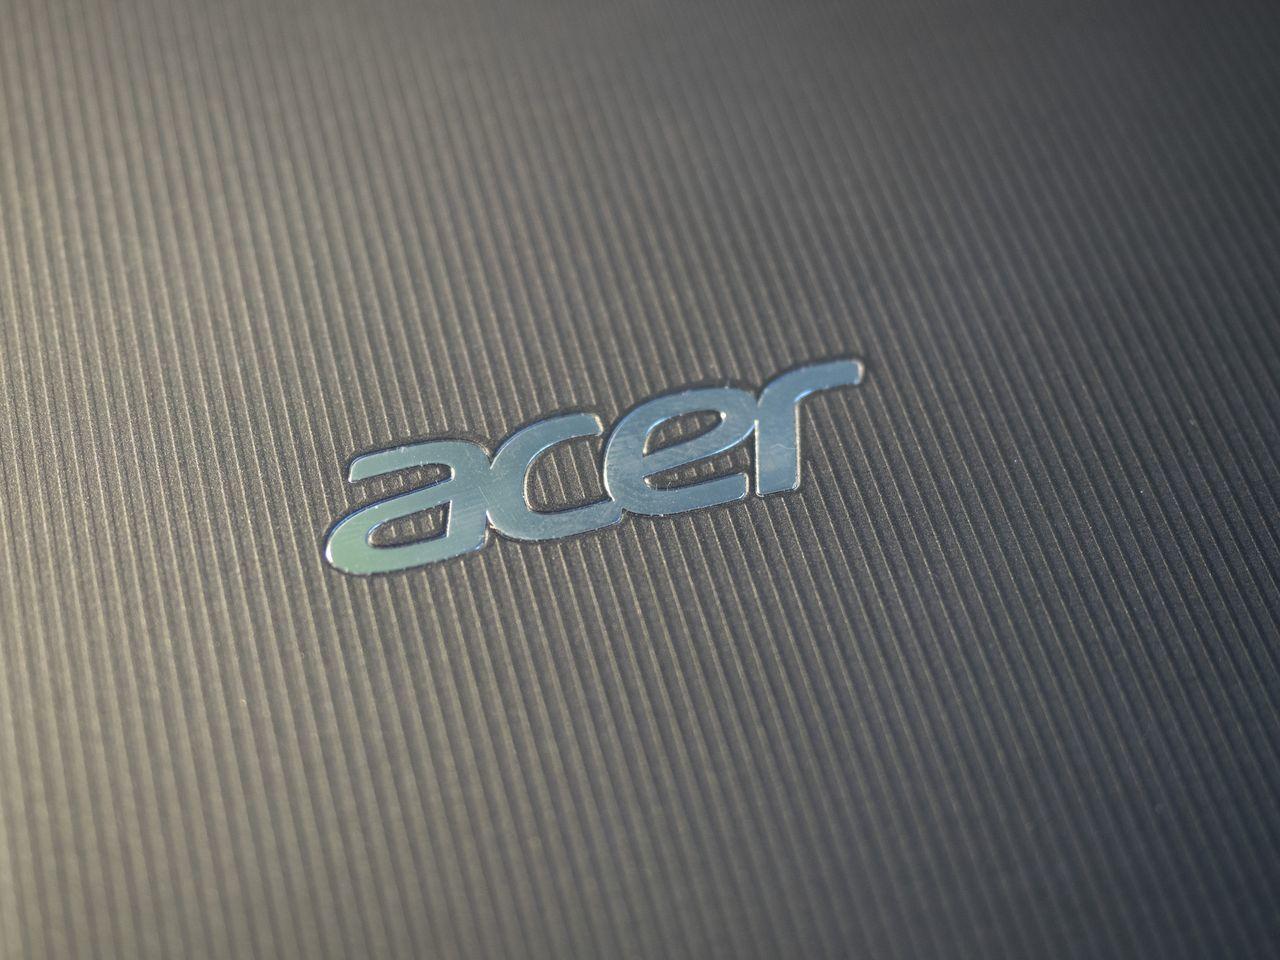 Next@Acer: Самый мощный игровой ноутбук с воздушным охлаждением, велокомпьютер, Chromebook для работы и другие новинки - 48